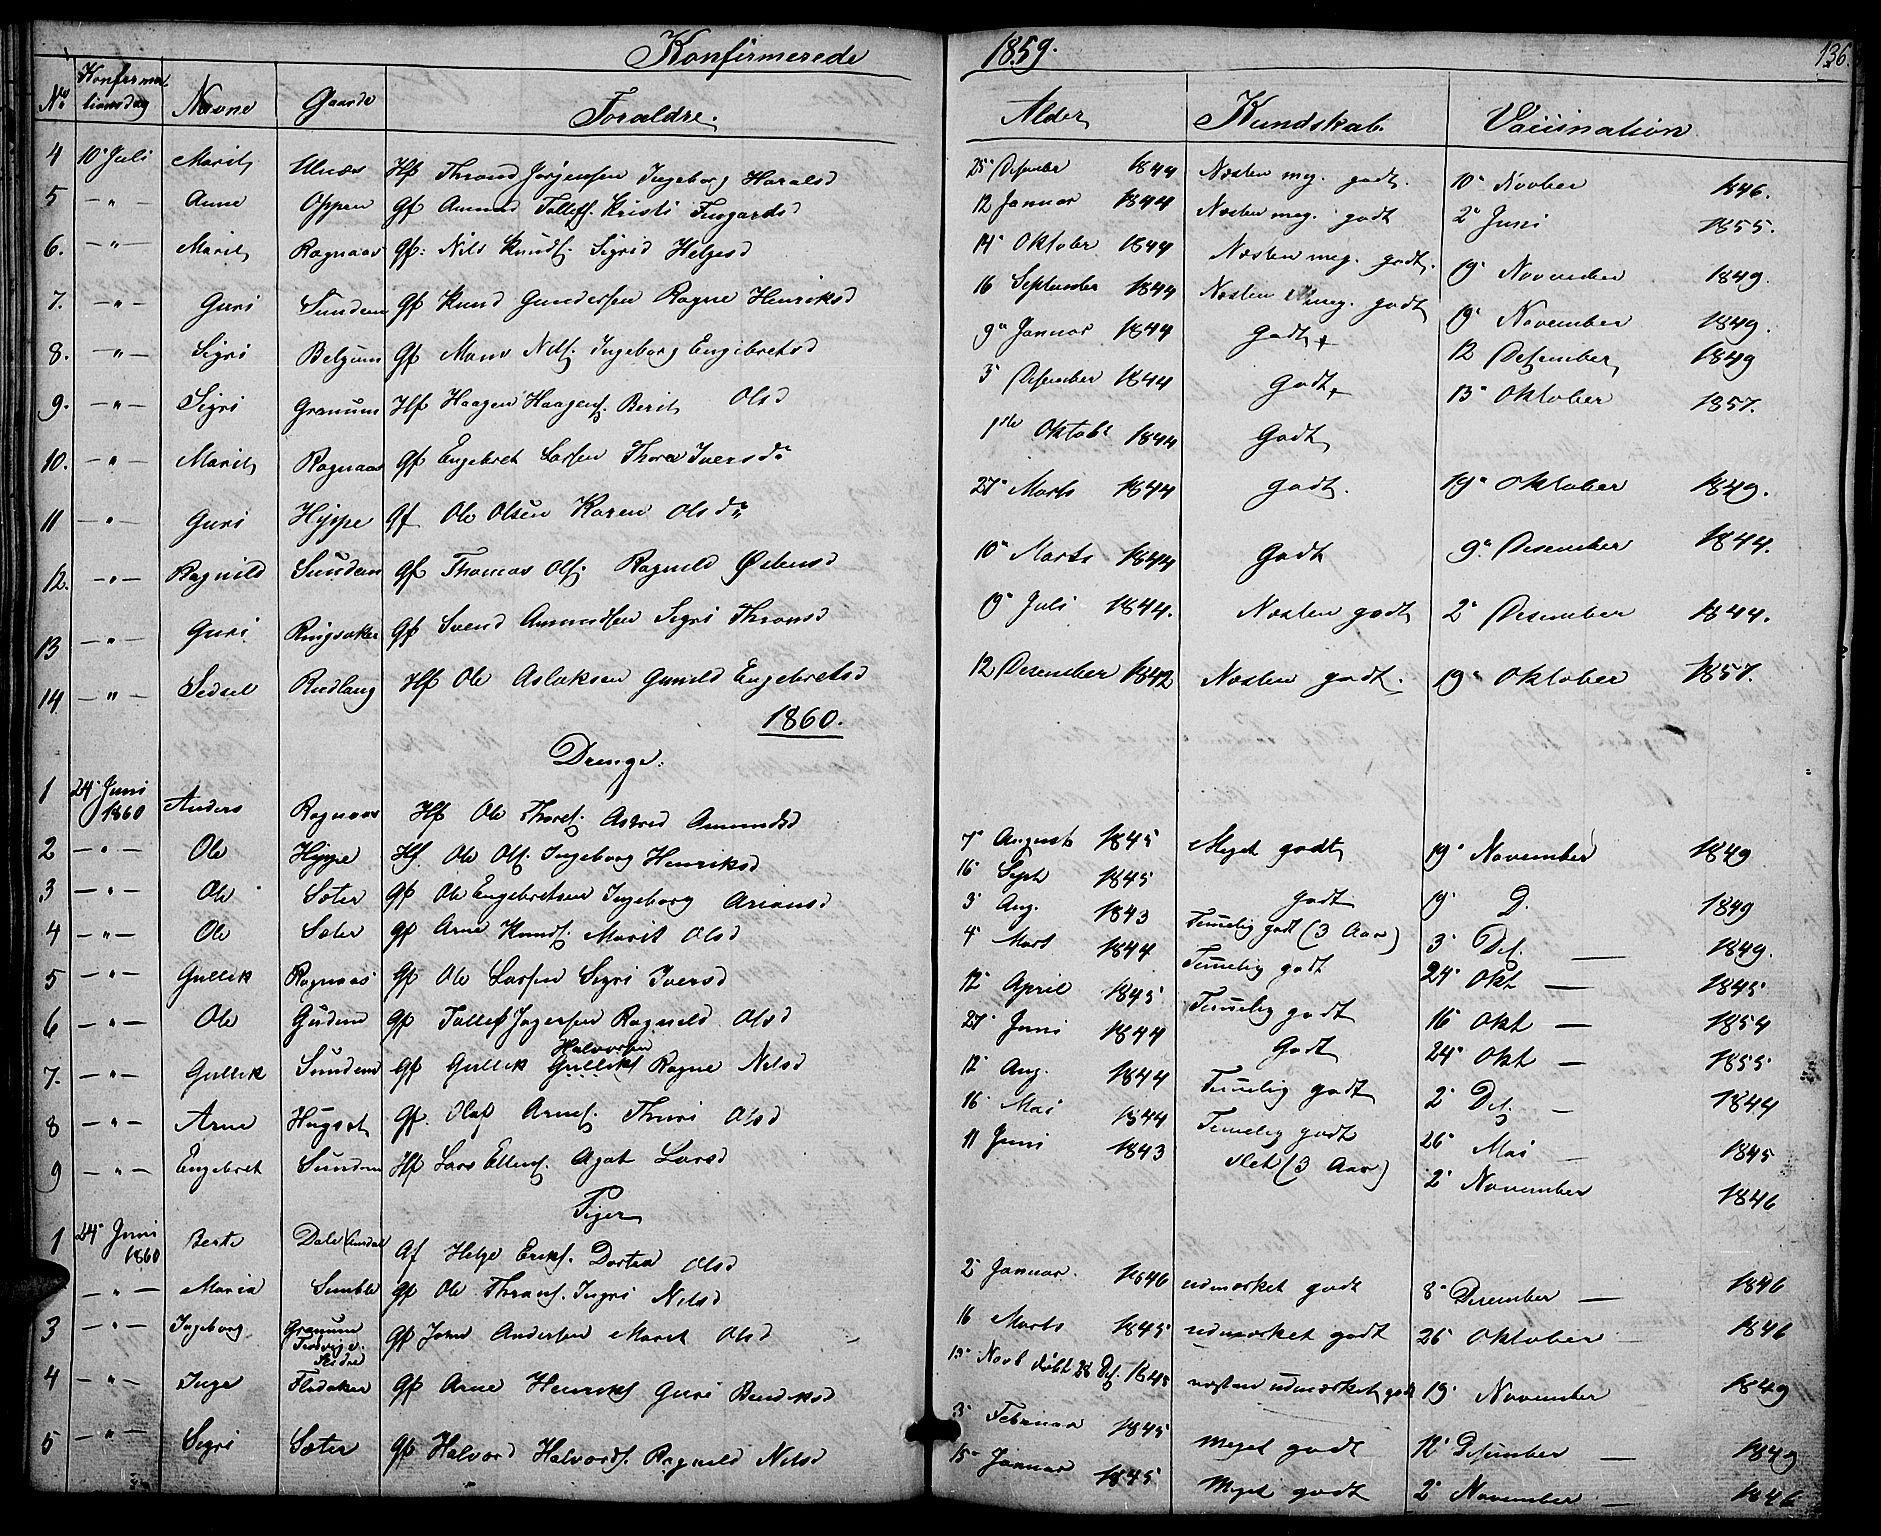 SAH, Nord-Aurdal prestekontor, Klokkerbok nr. 4, 1842-1882, s. 136